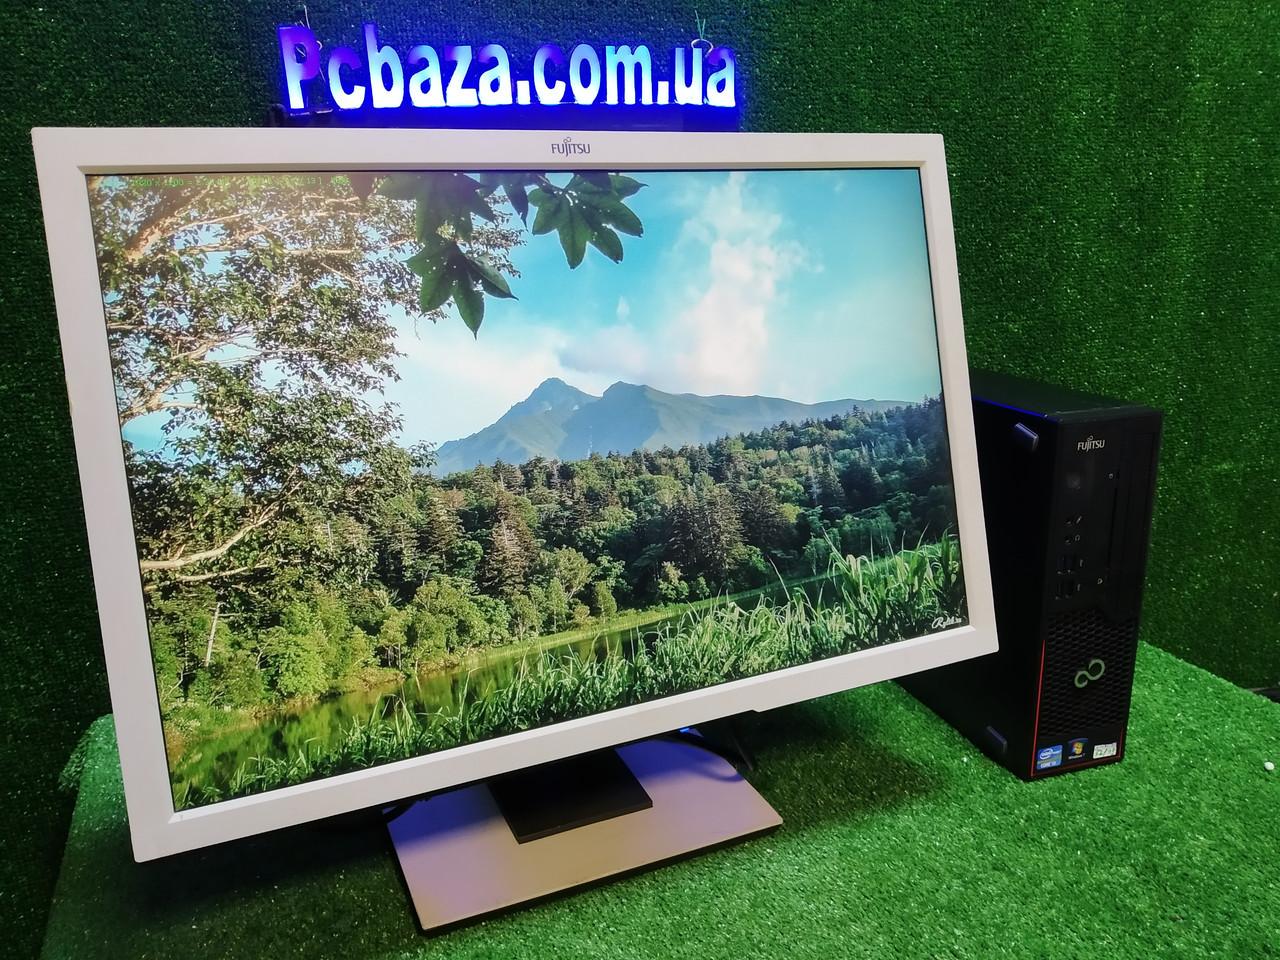 """ПК +монитор 22"""" IPS, i3-3220 3.3, 4 ГБ, 500 Гб, 2xCOM, 10 USB, USB 3.0 Настроен. Германия!"""